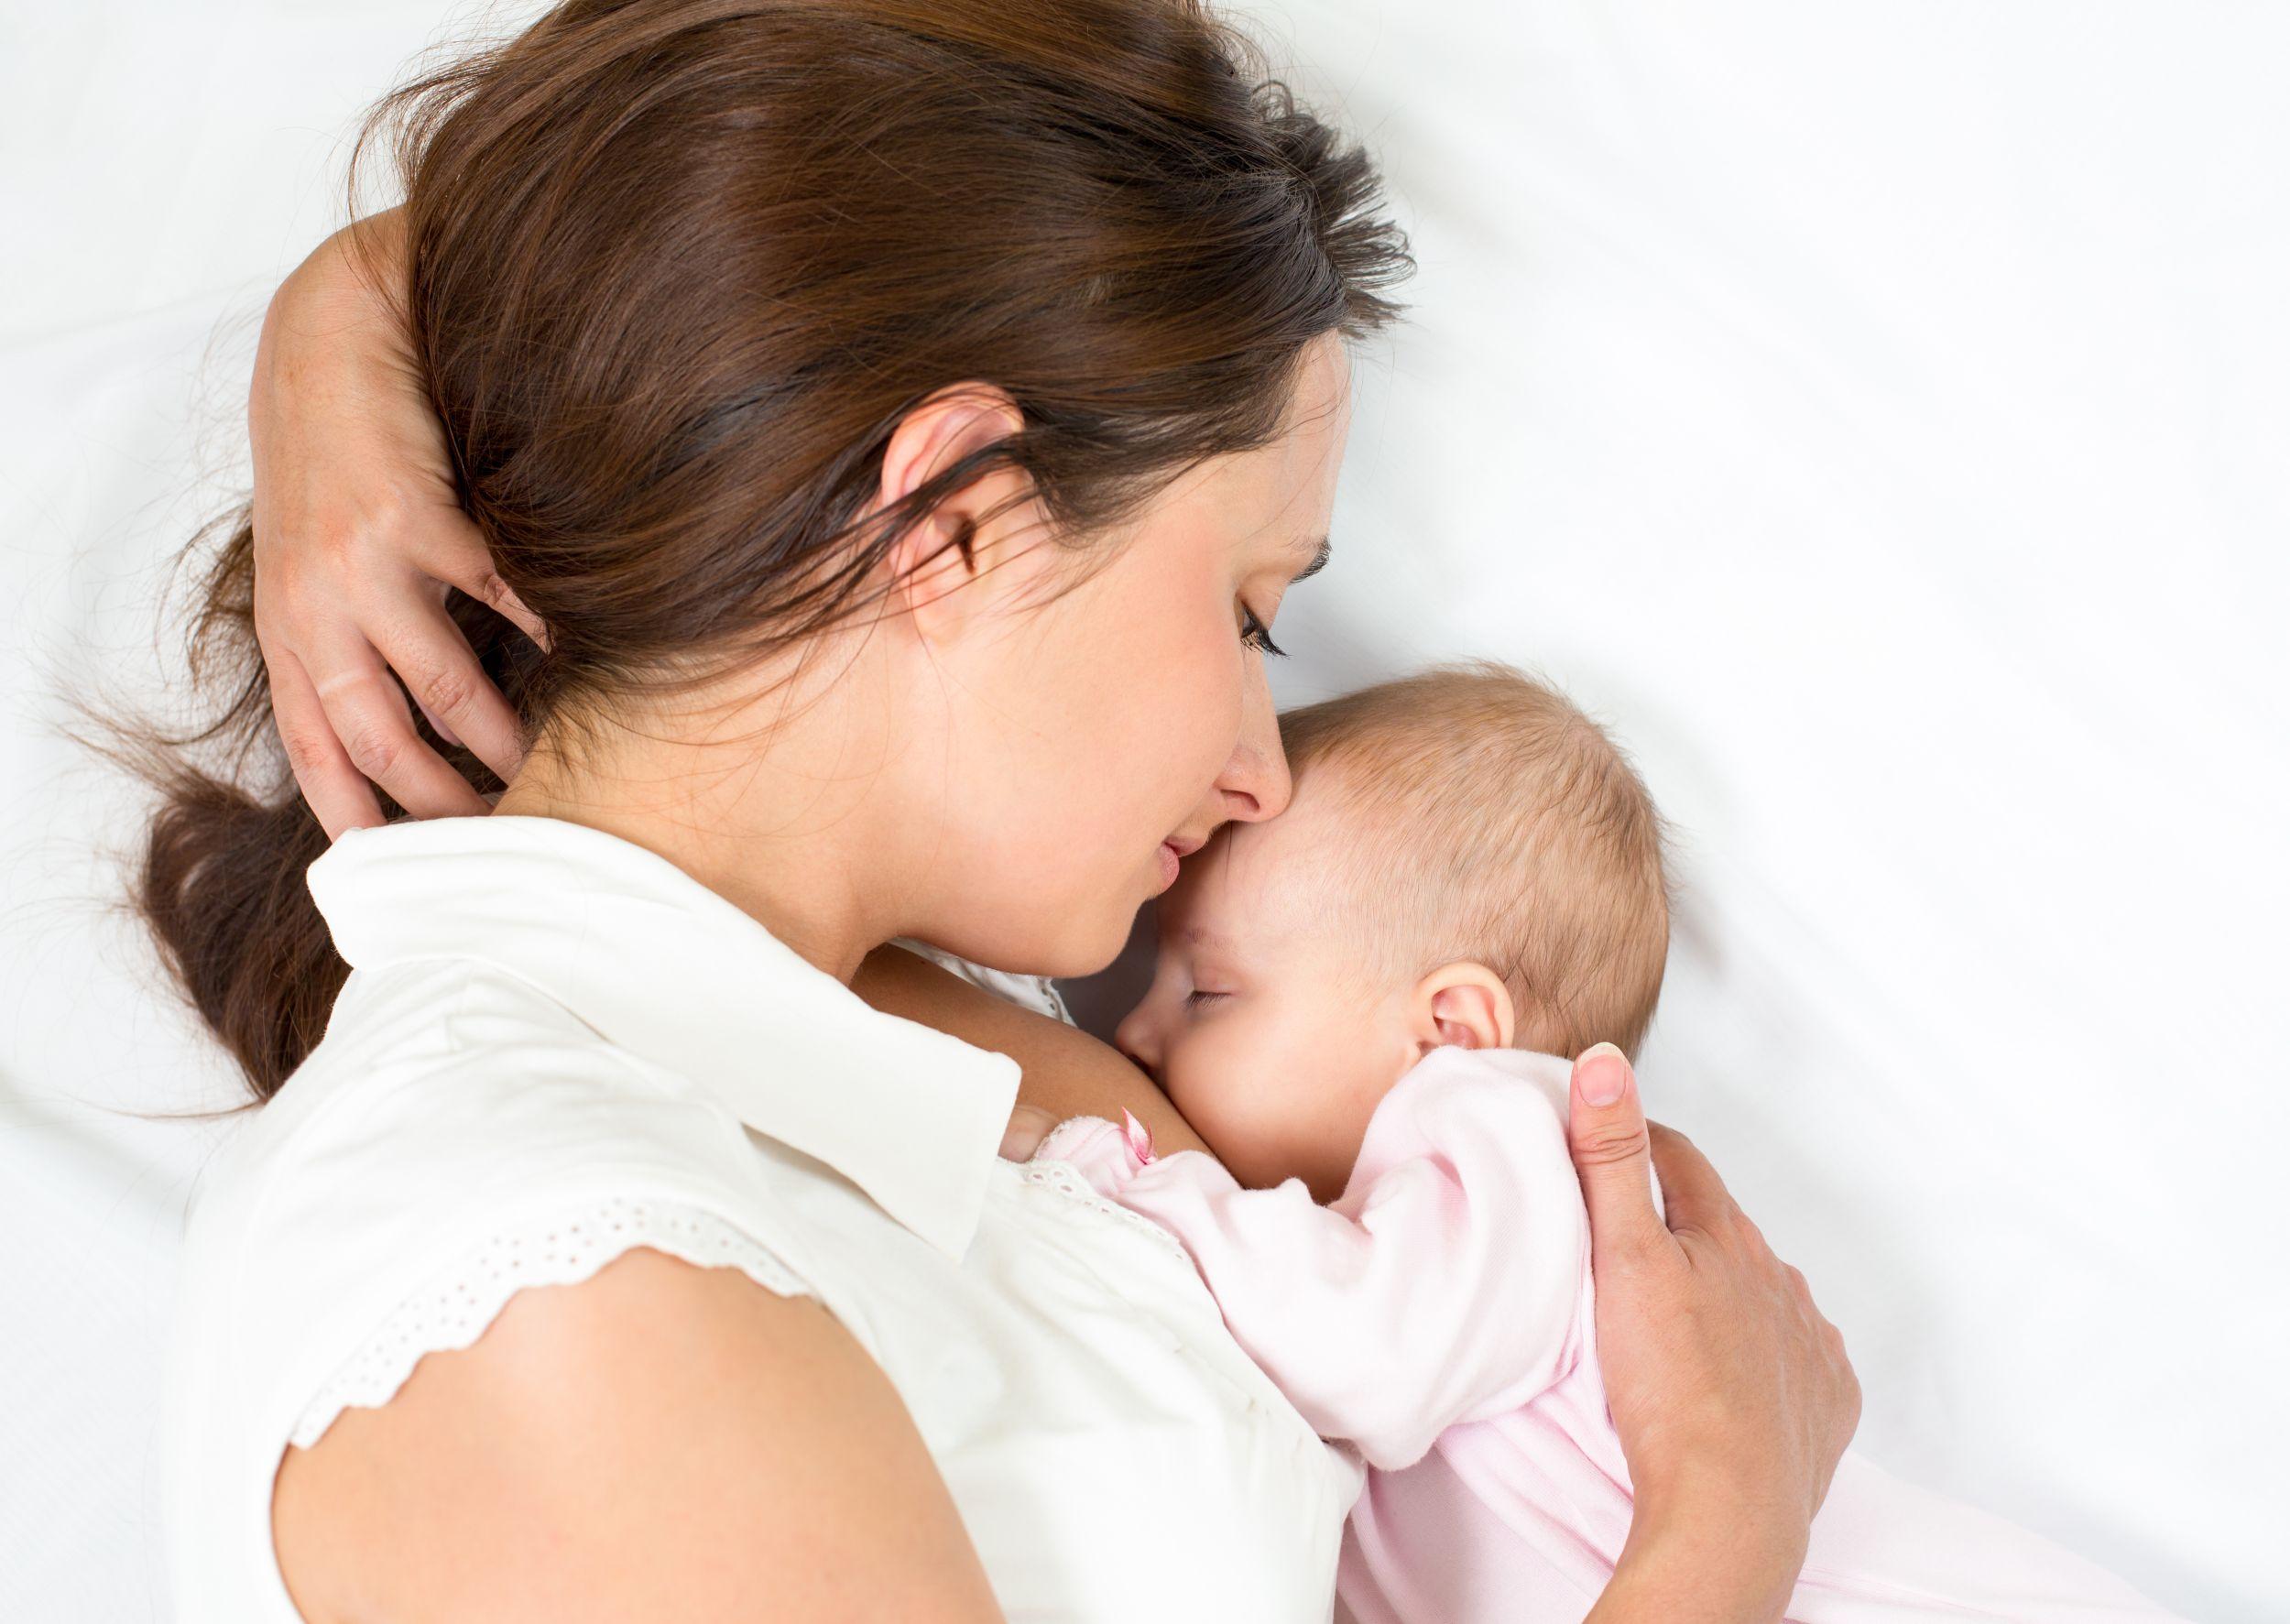 Specjaliści zwracają też uwagę na korzyści, jakie niesie za sobą karmienie piersią (fot. Shutterstock)